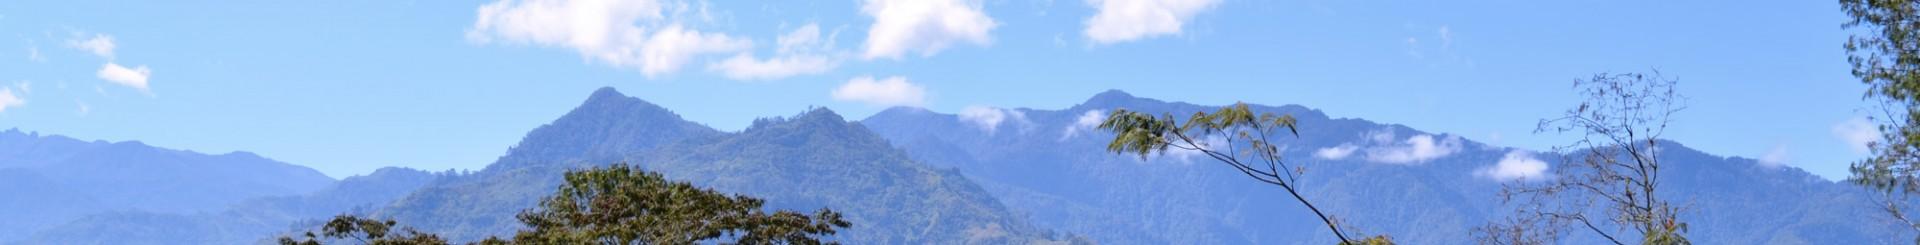 Voyage en Papouasie-Nouvelle-Guinée